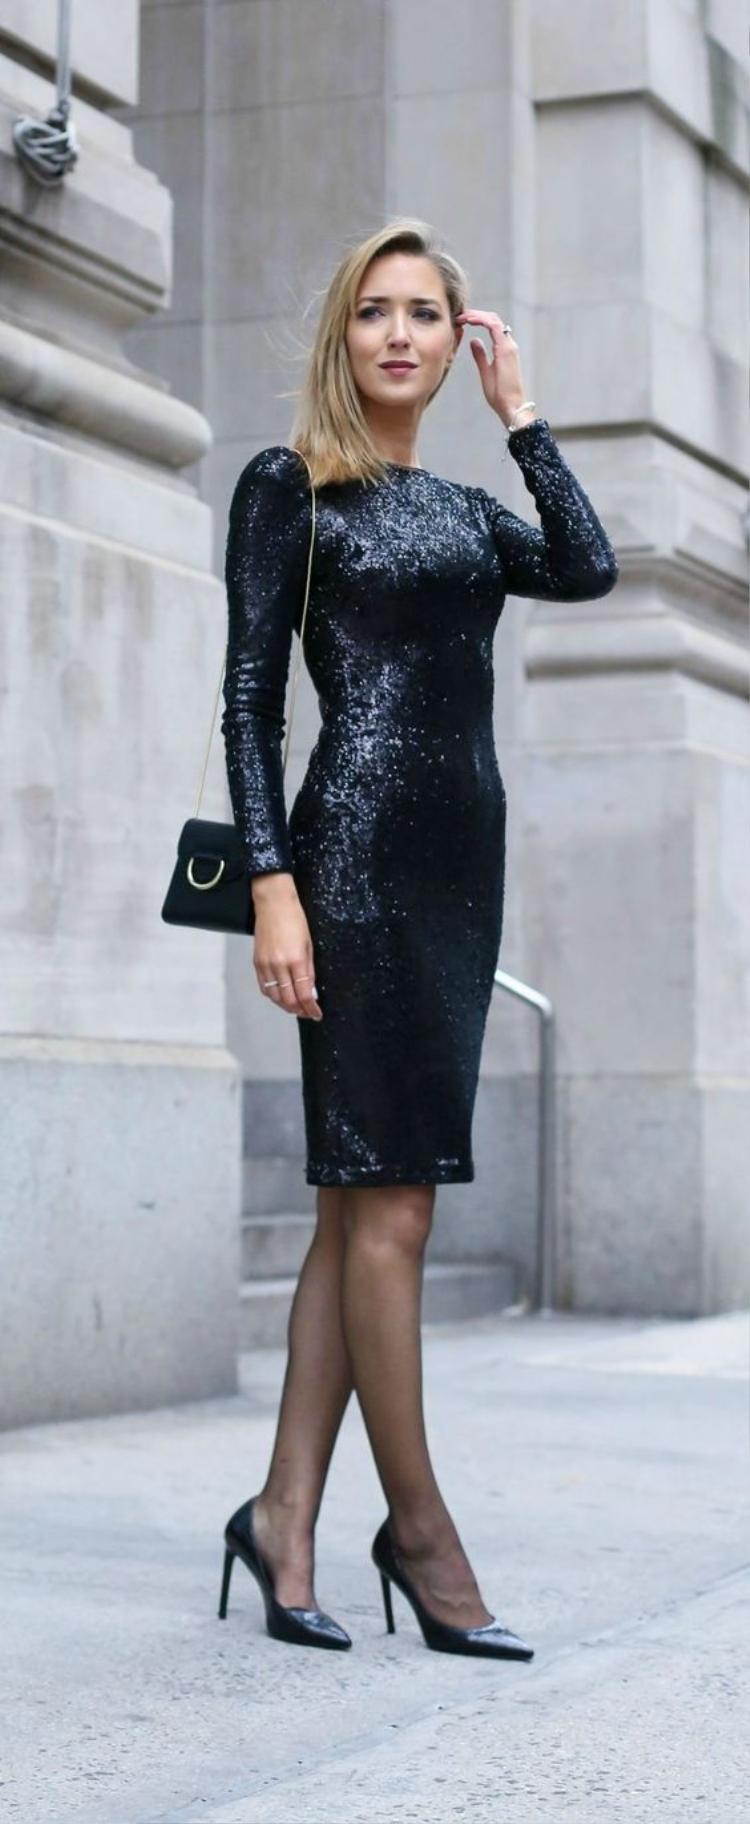 Mẫu váy sequin gam màu đen dành cho quý cô hiện đại mà vẫn muốn thể hiện vẻ đẹp nóng bỏng của mình mỗi khi xuất hiện.